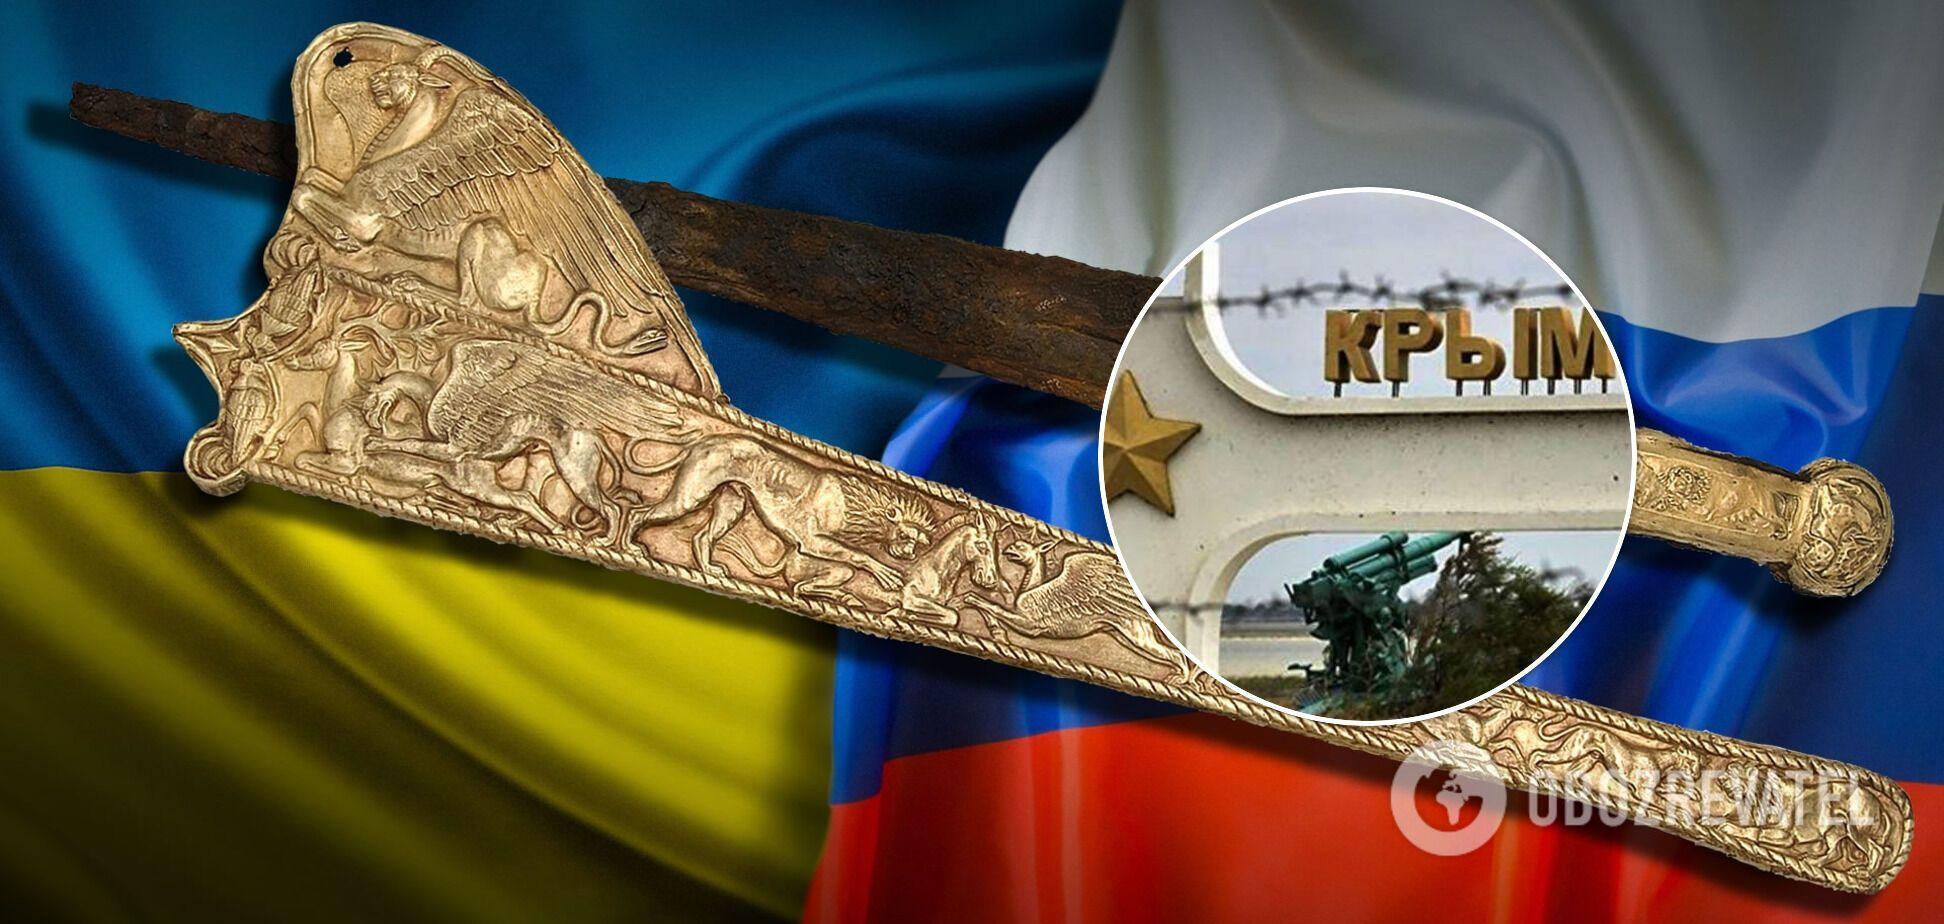 История 'скифского золота' рвет шаблоны о 'русском' Крыме